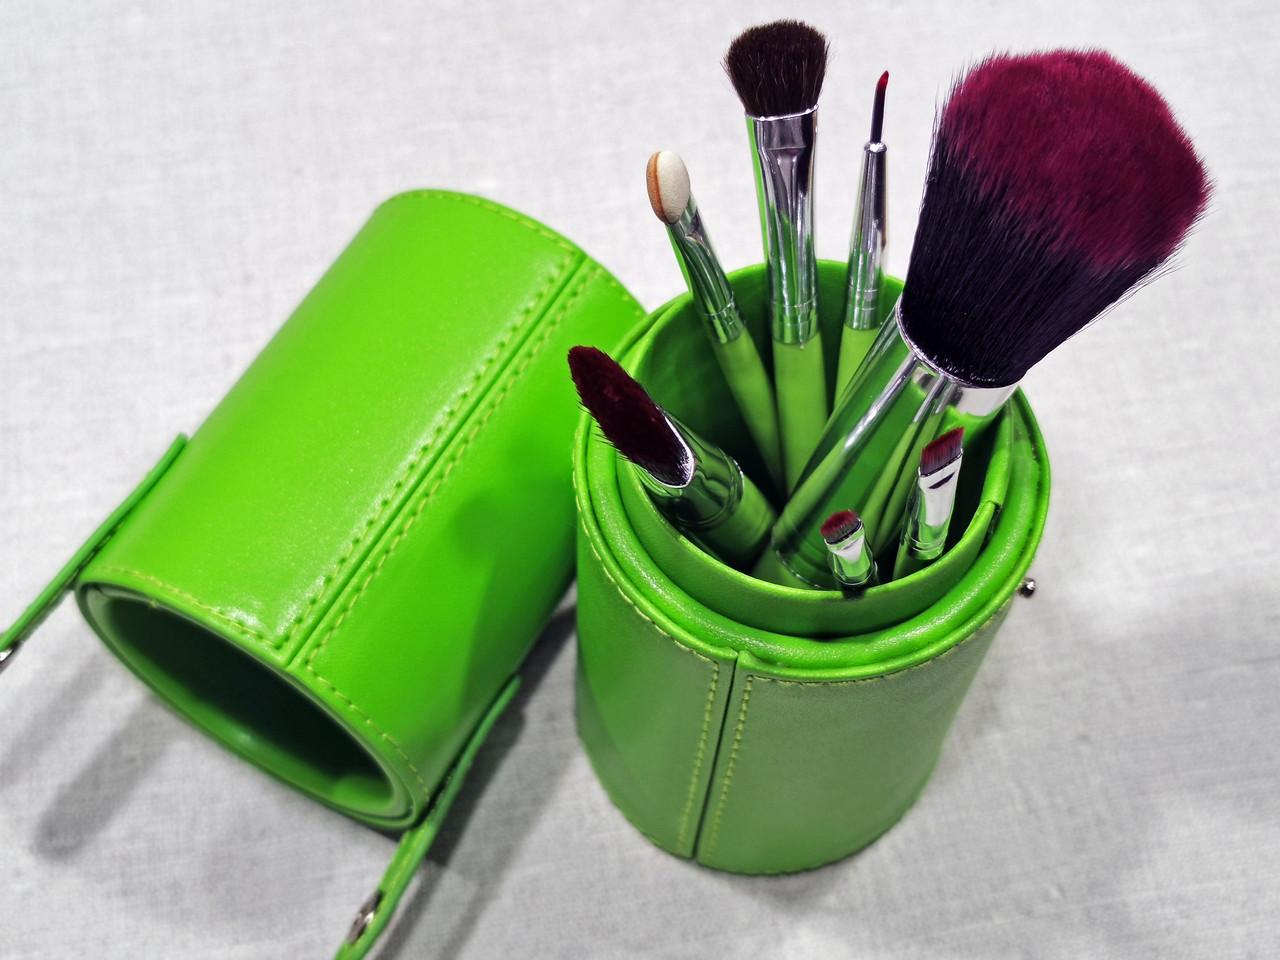 РАСПРОДАЖА!!! Кисти для макияжа Look Like 7 штук зеленые в тубусе